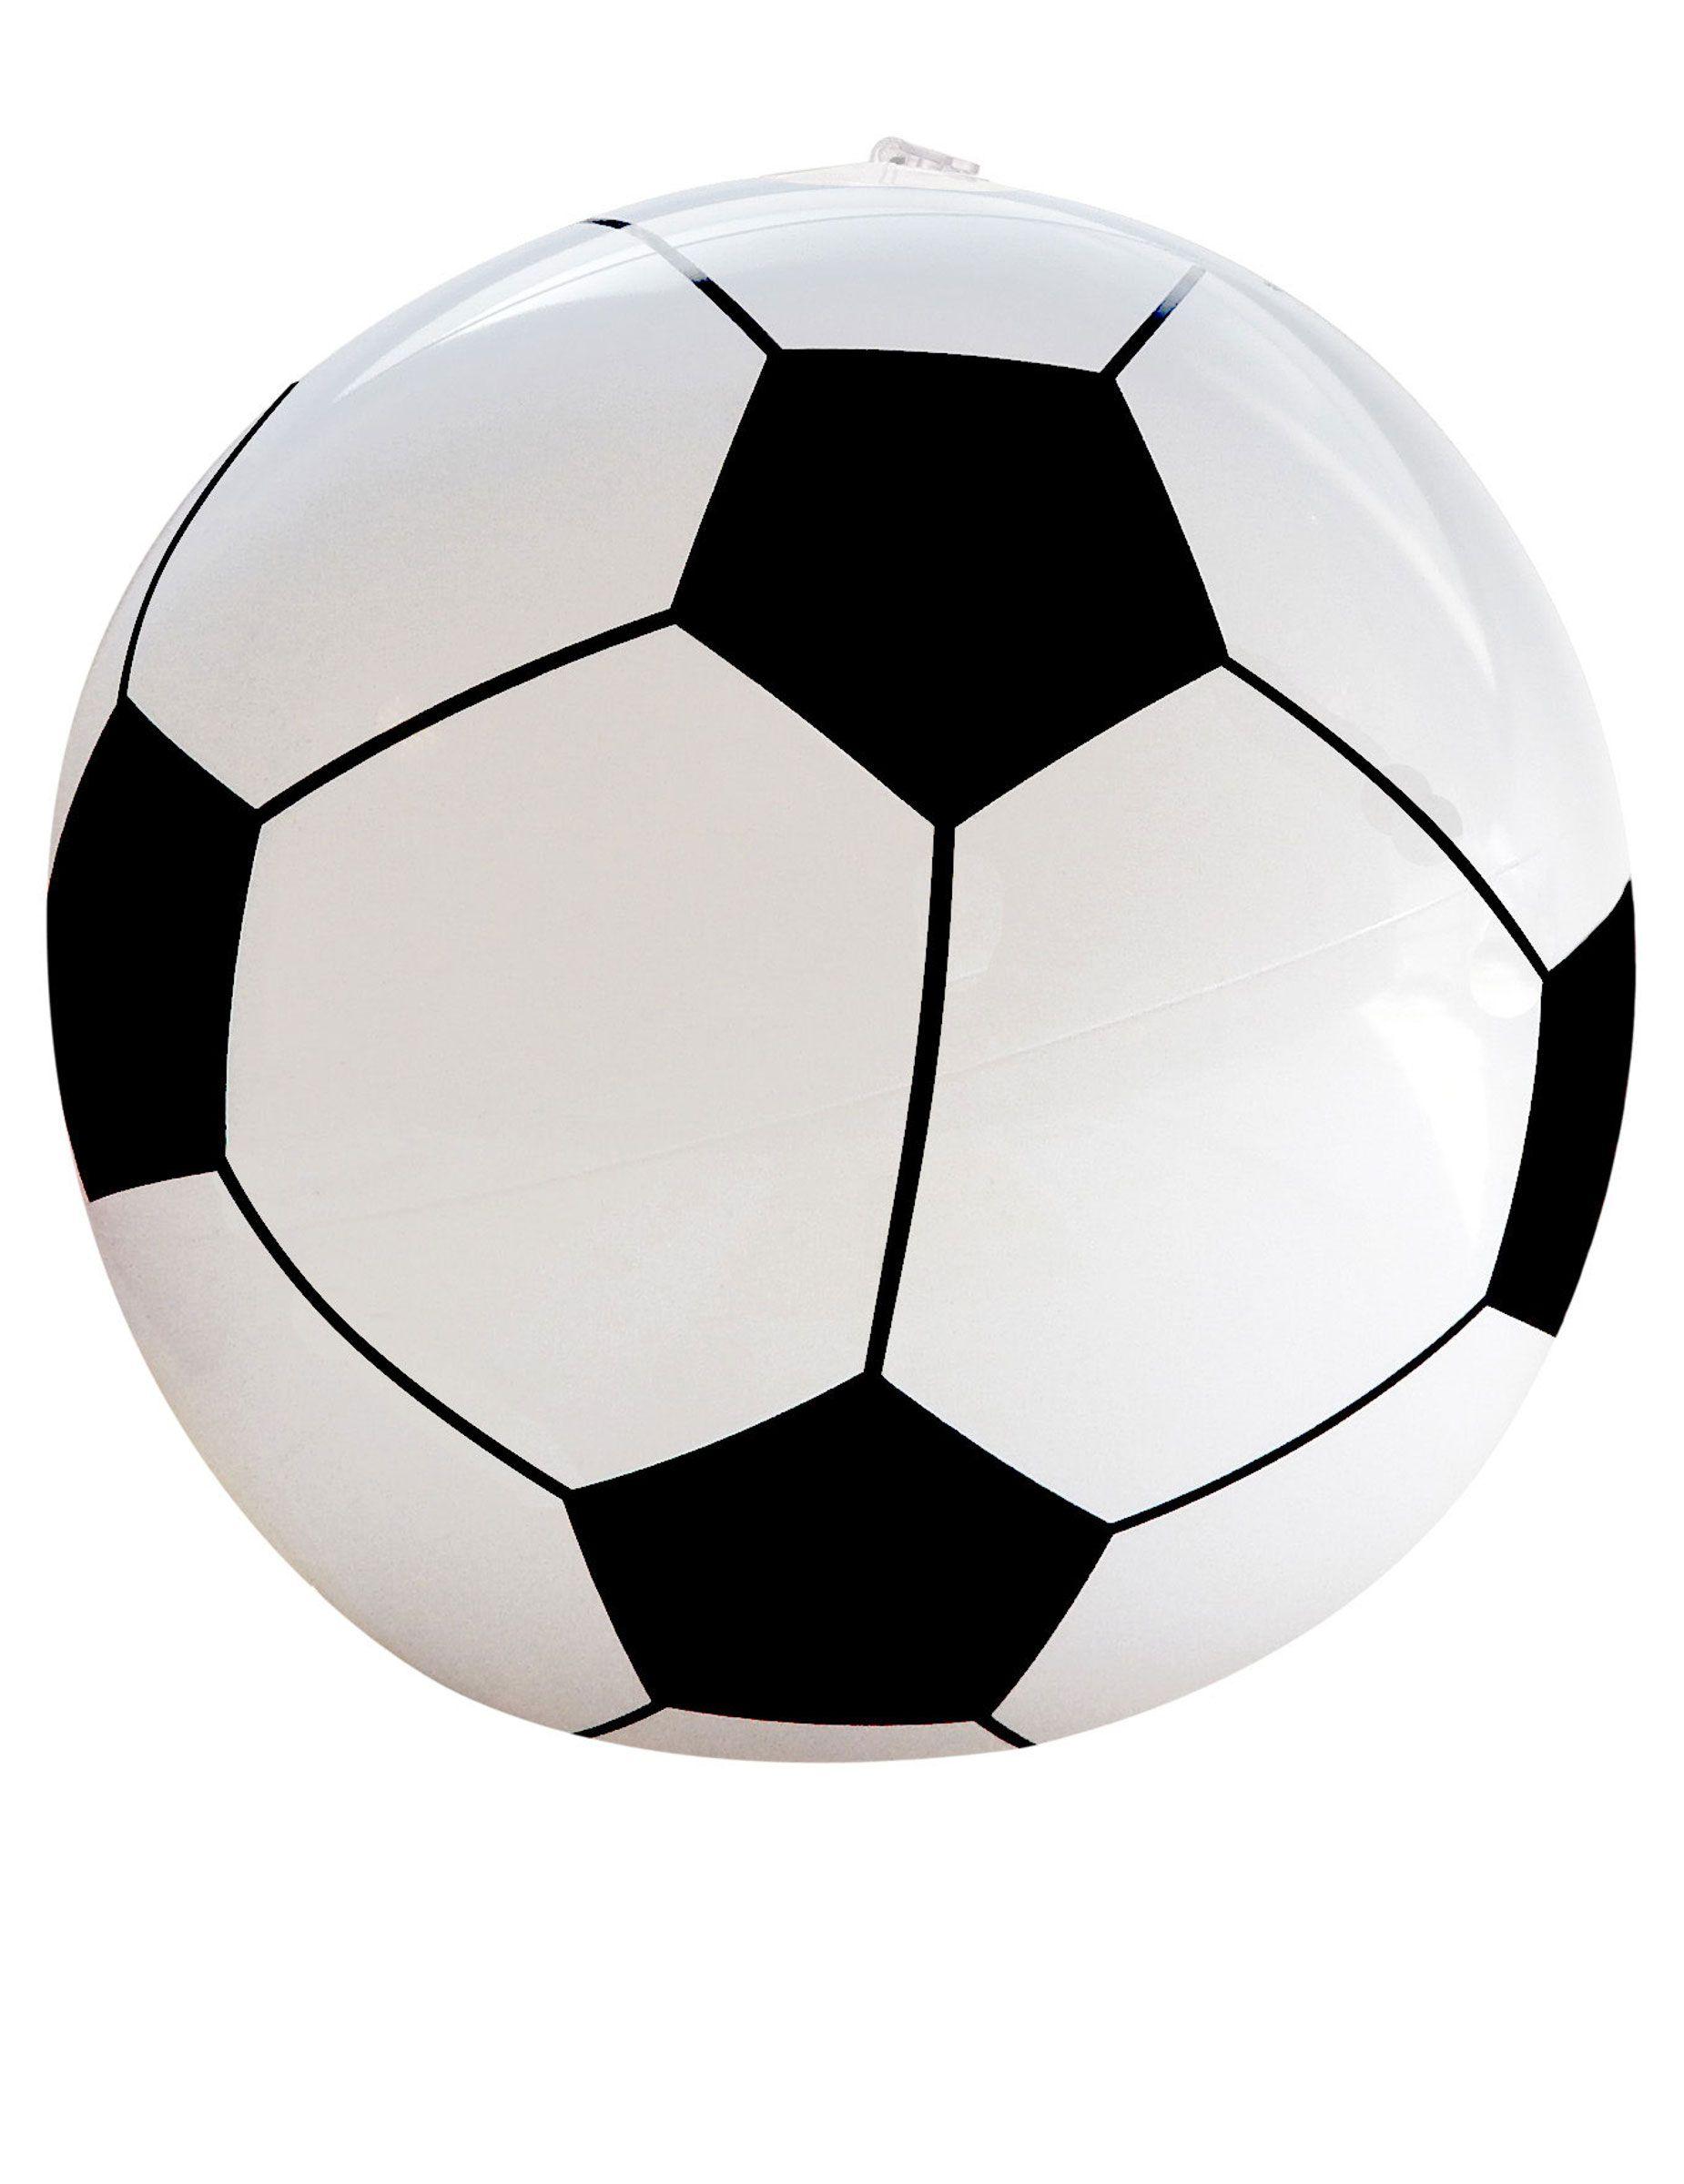 Marque-place football carton blanc les 10 : Marque-places foot   Marque  place foot, Nappe intissé, Deco table